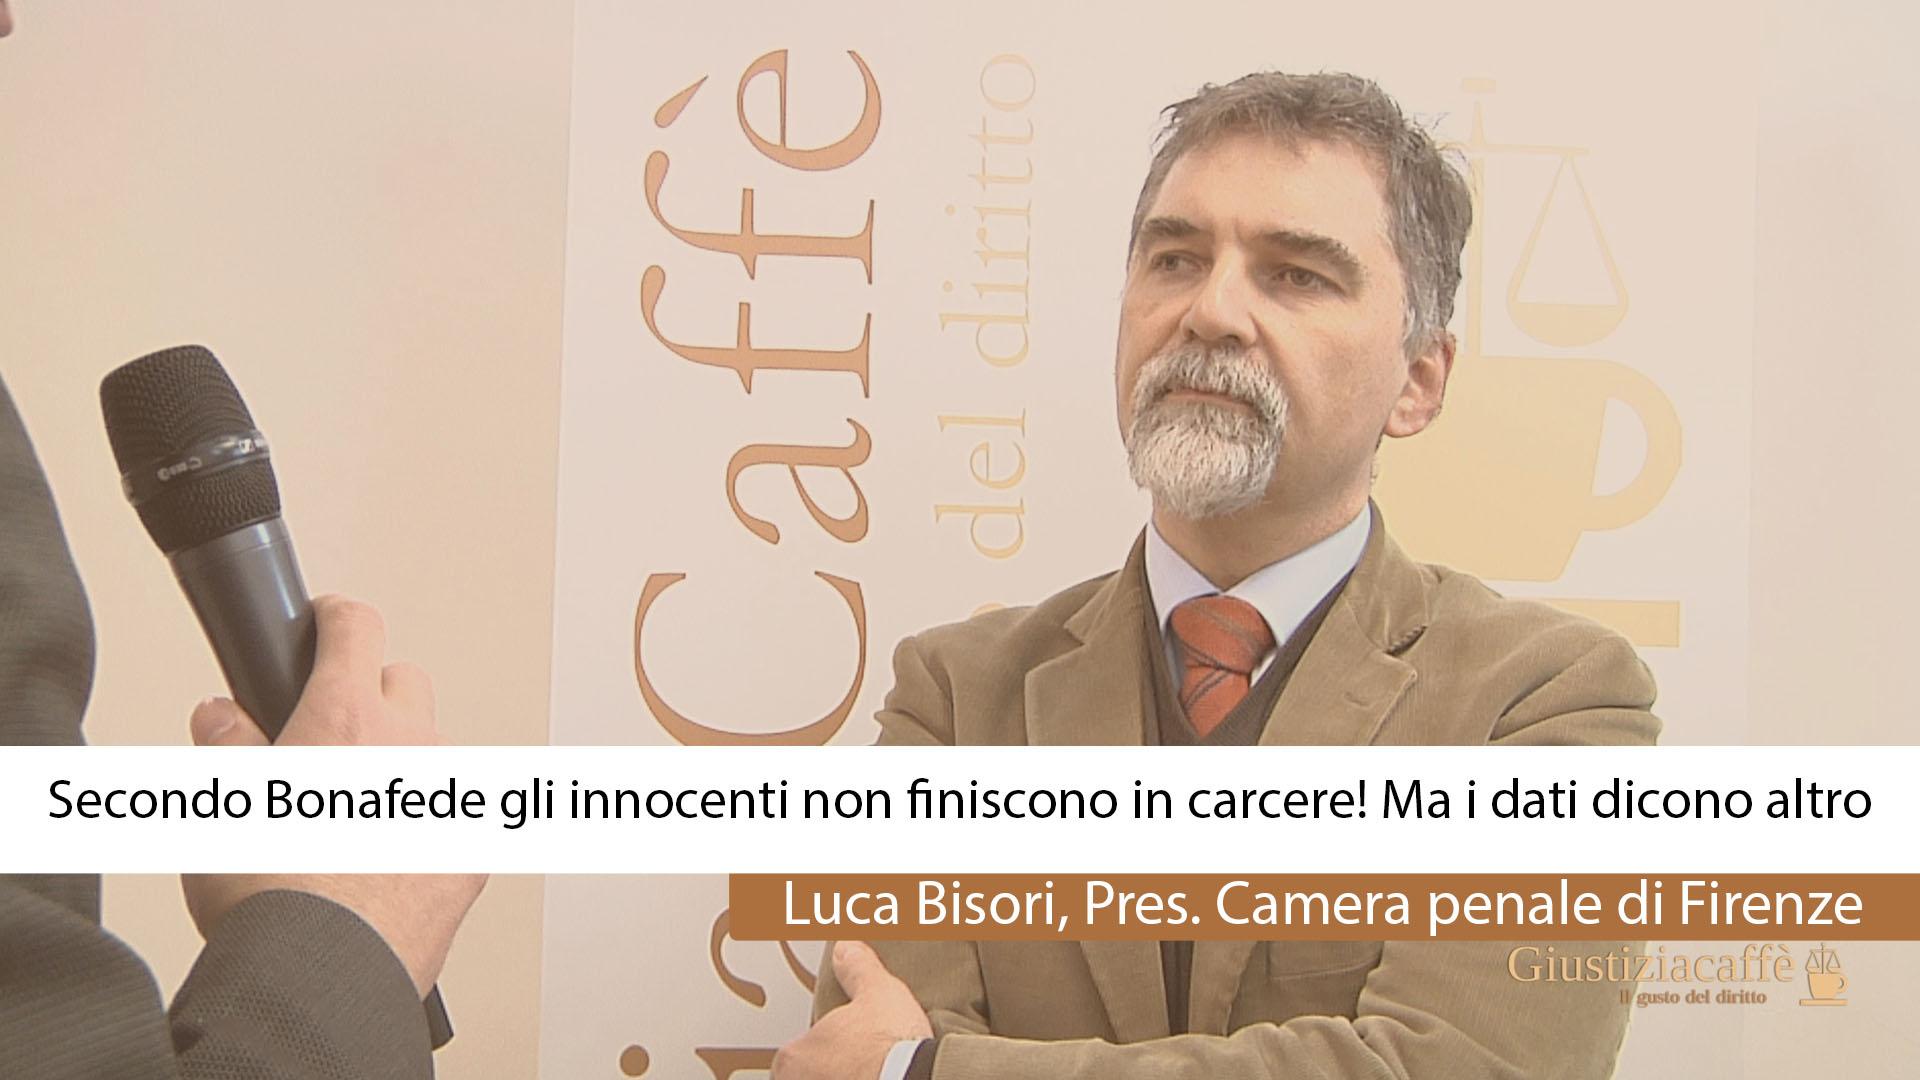 Secondo Bonafede gli innocenti non finiscono in carcere! Ma i dati dicono altro